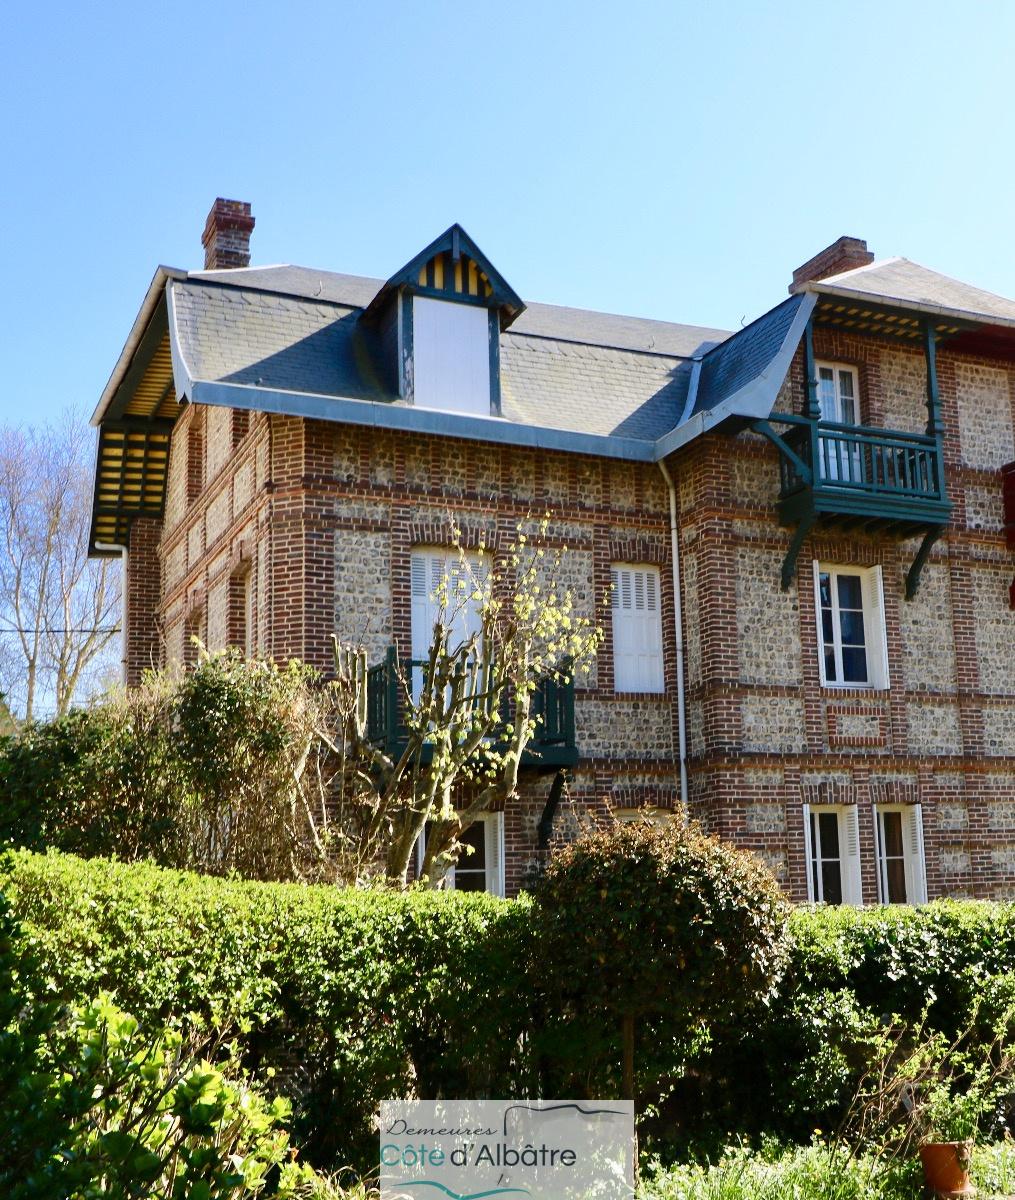 Vente Appartements Maisons Et Villas à Montreuil Paris: Vente VILLA BALNÉAIRE DÉBUT 20ÈME, VUE MER, LES PETITES